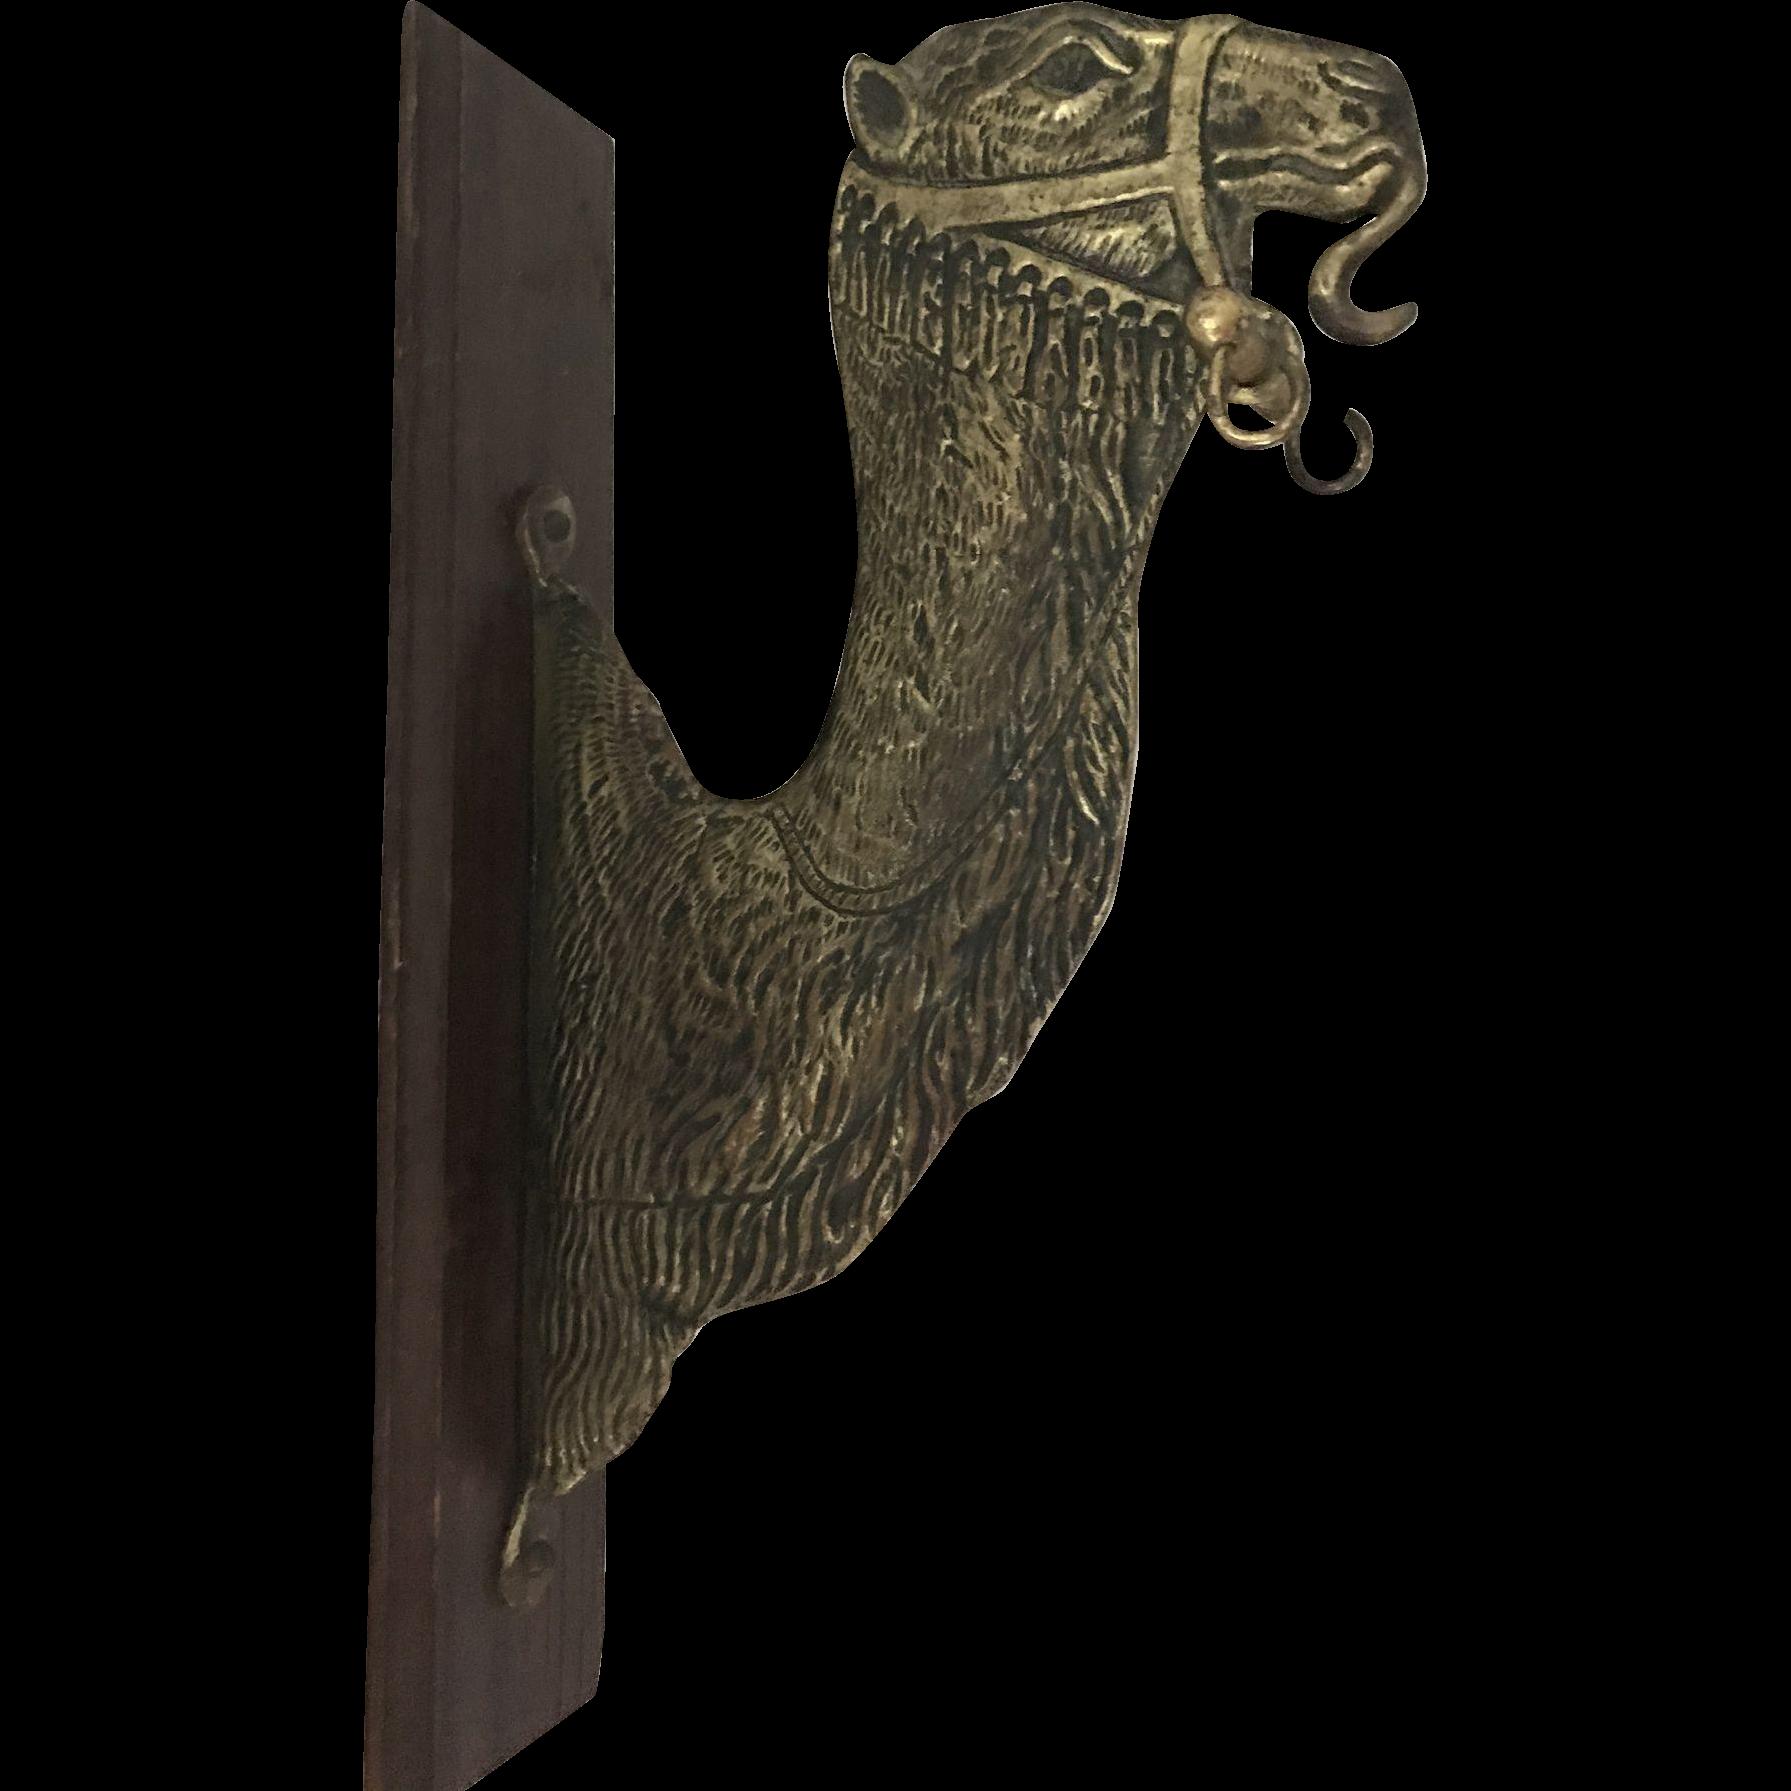 Camel Brass Wall Mounted Dinner Gong